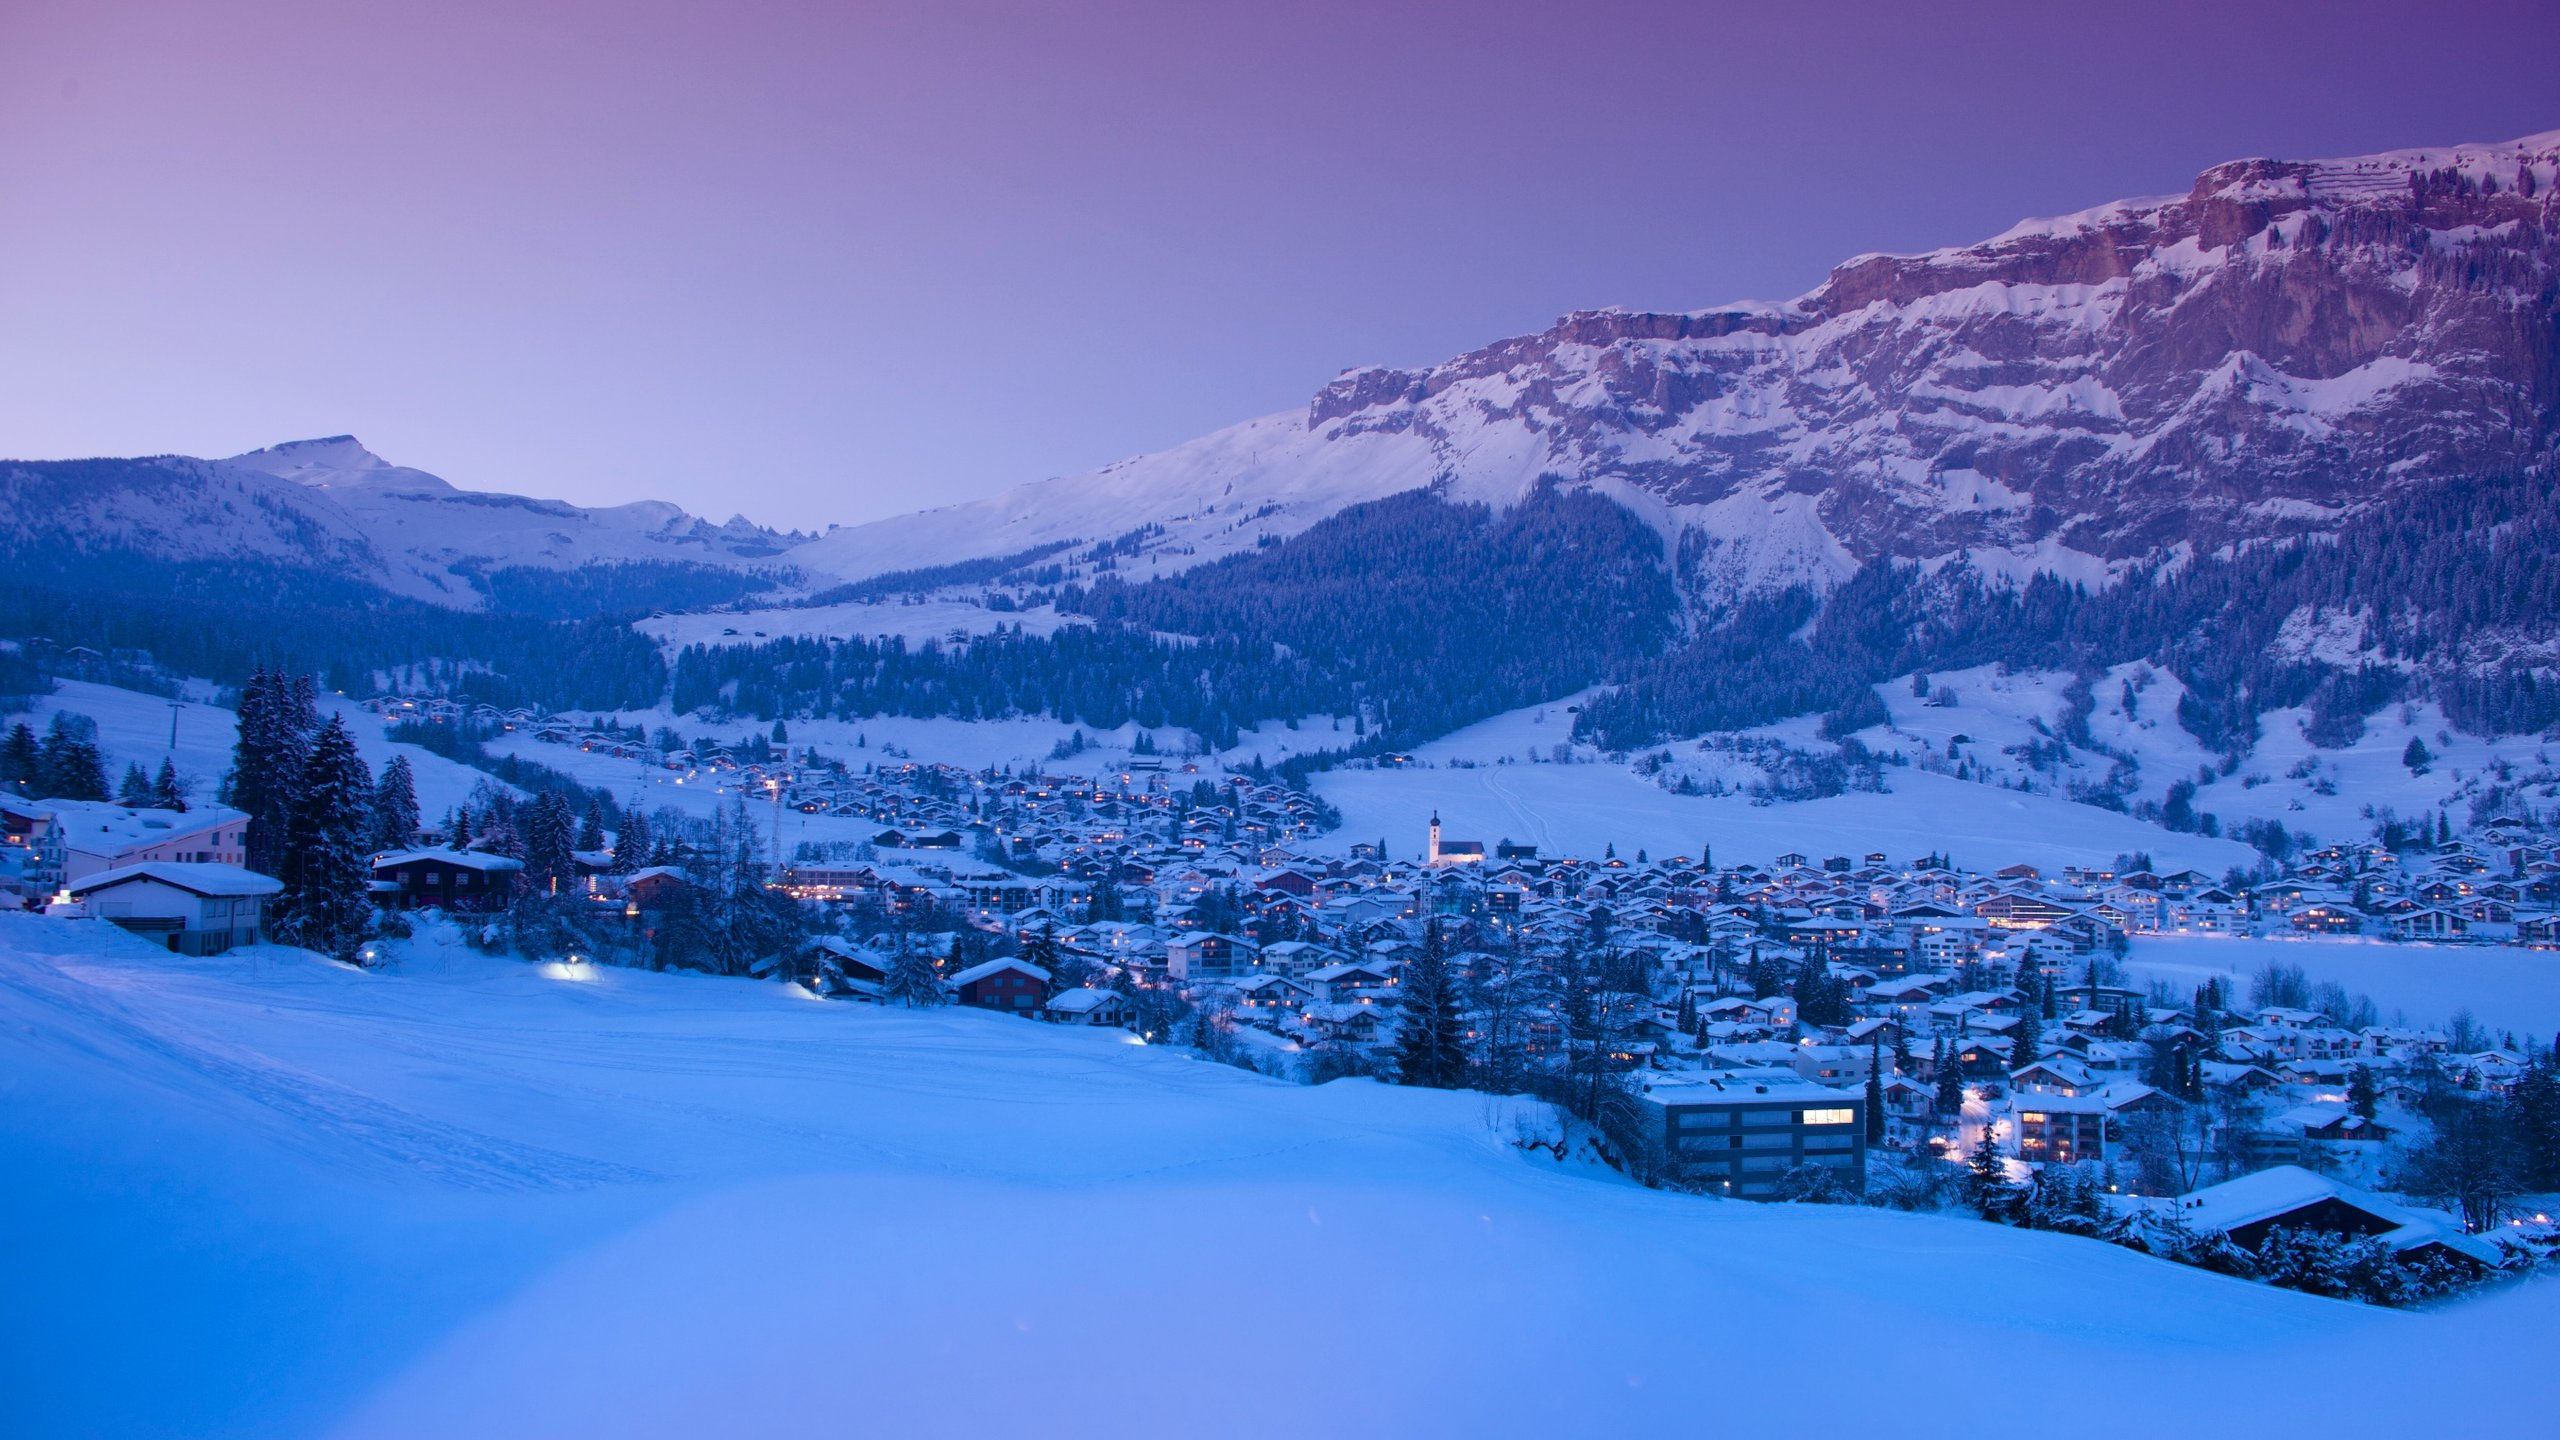 Laax, Graubuenden, Switzerland